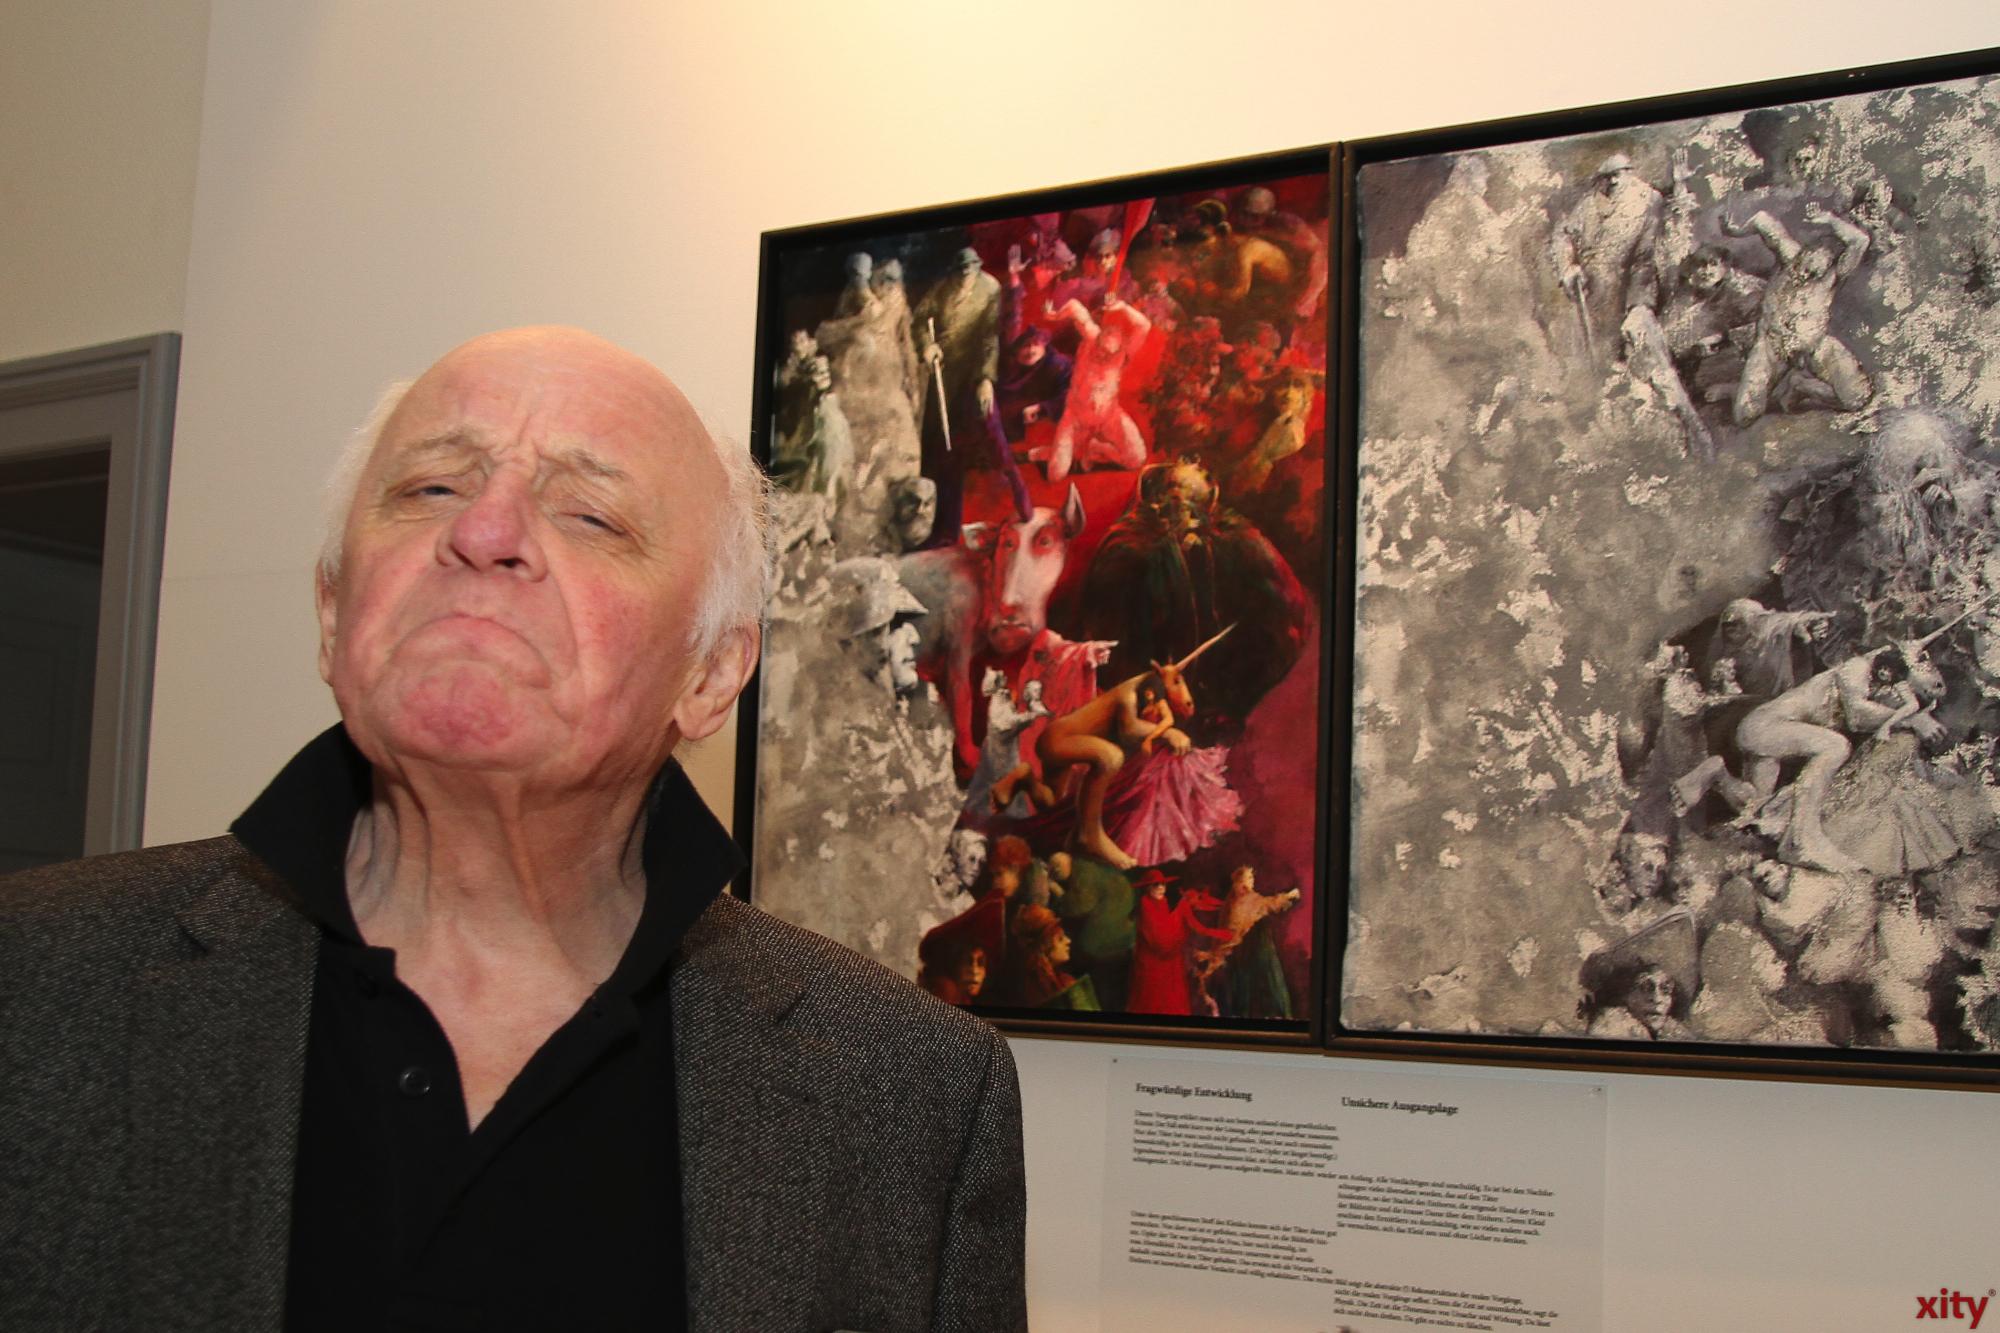 Da ist sich selbst der Künstler unsicher: Sind die Bilder Fälschungen? (Foto: xity)